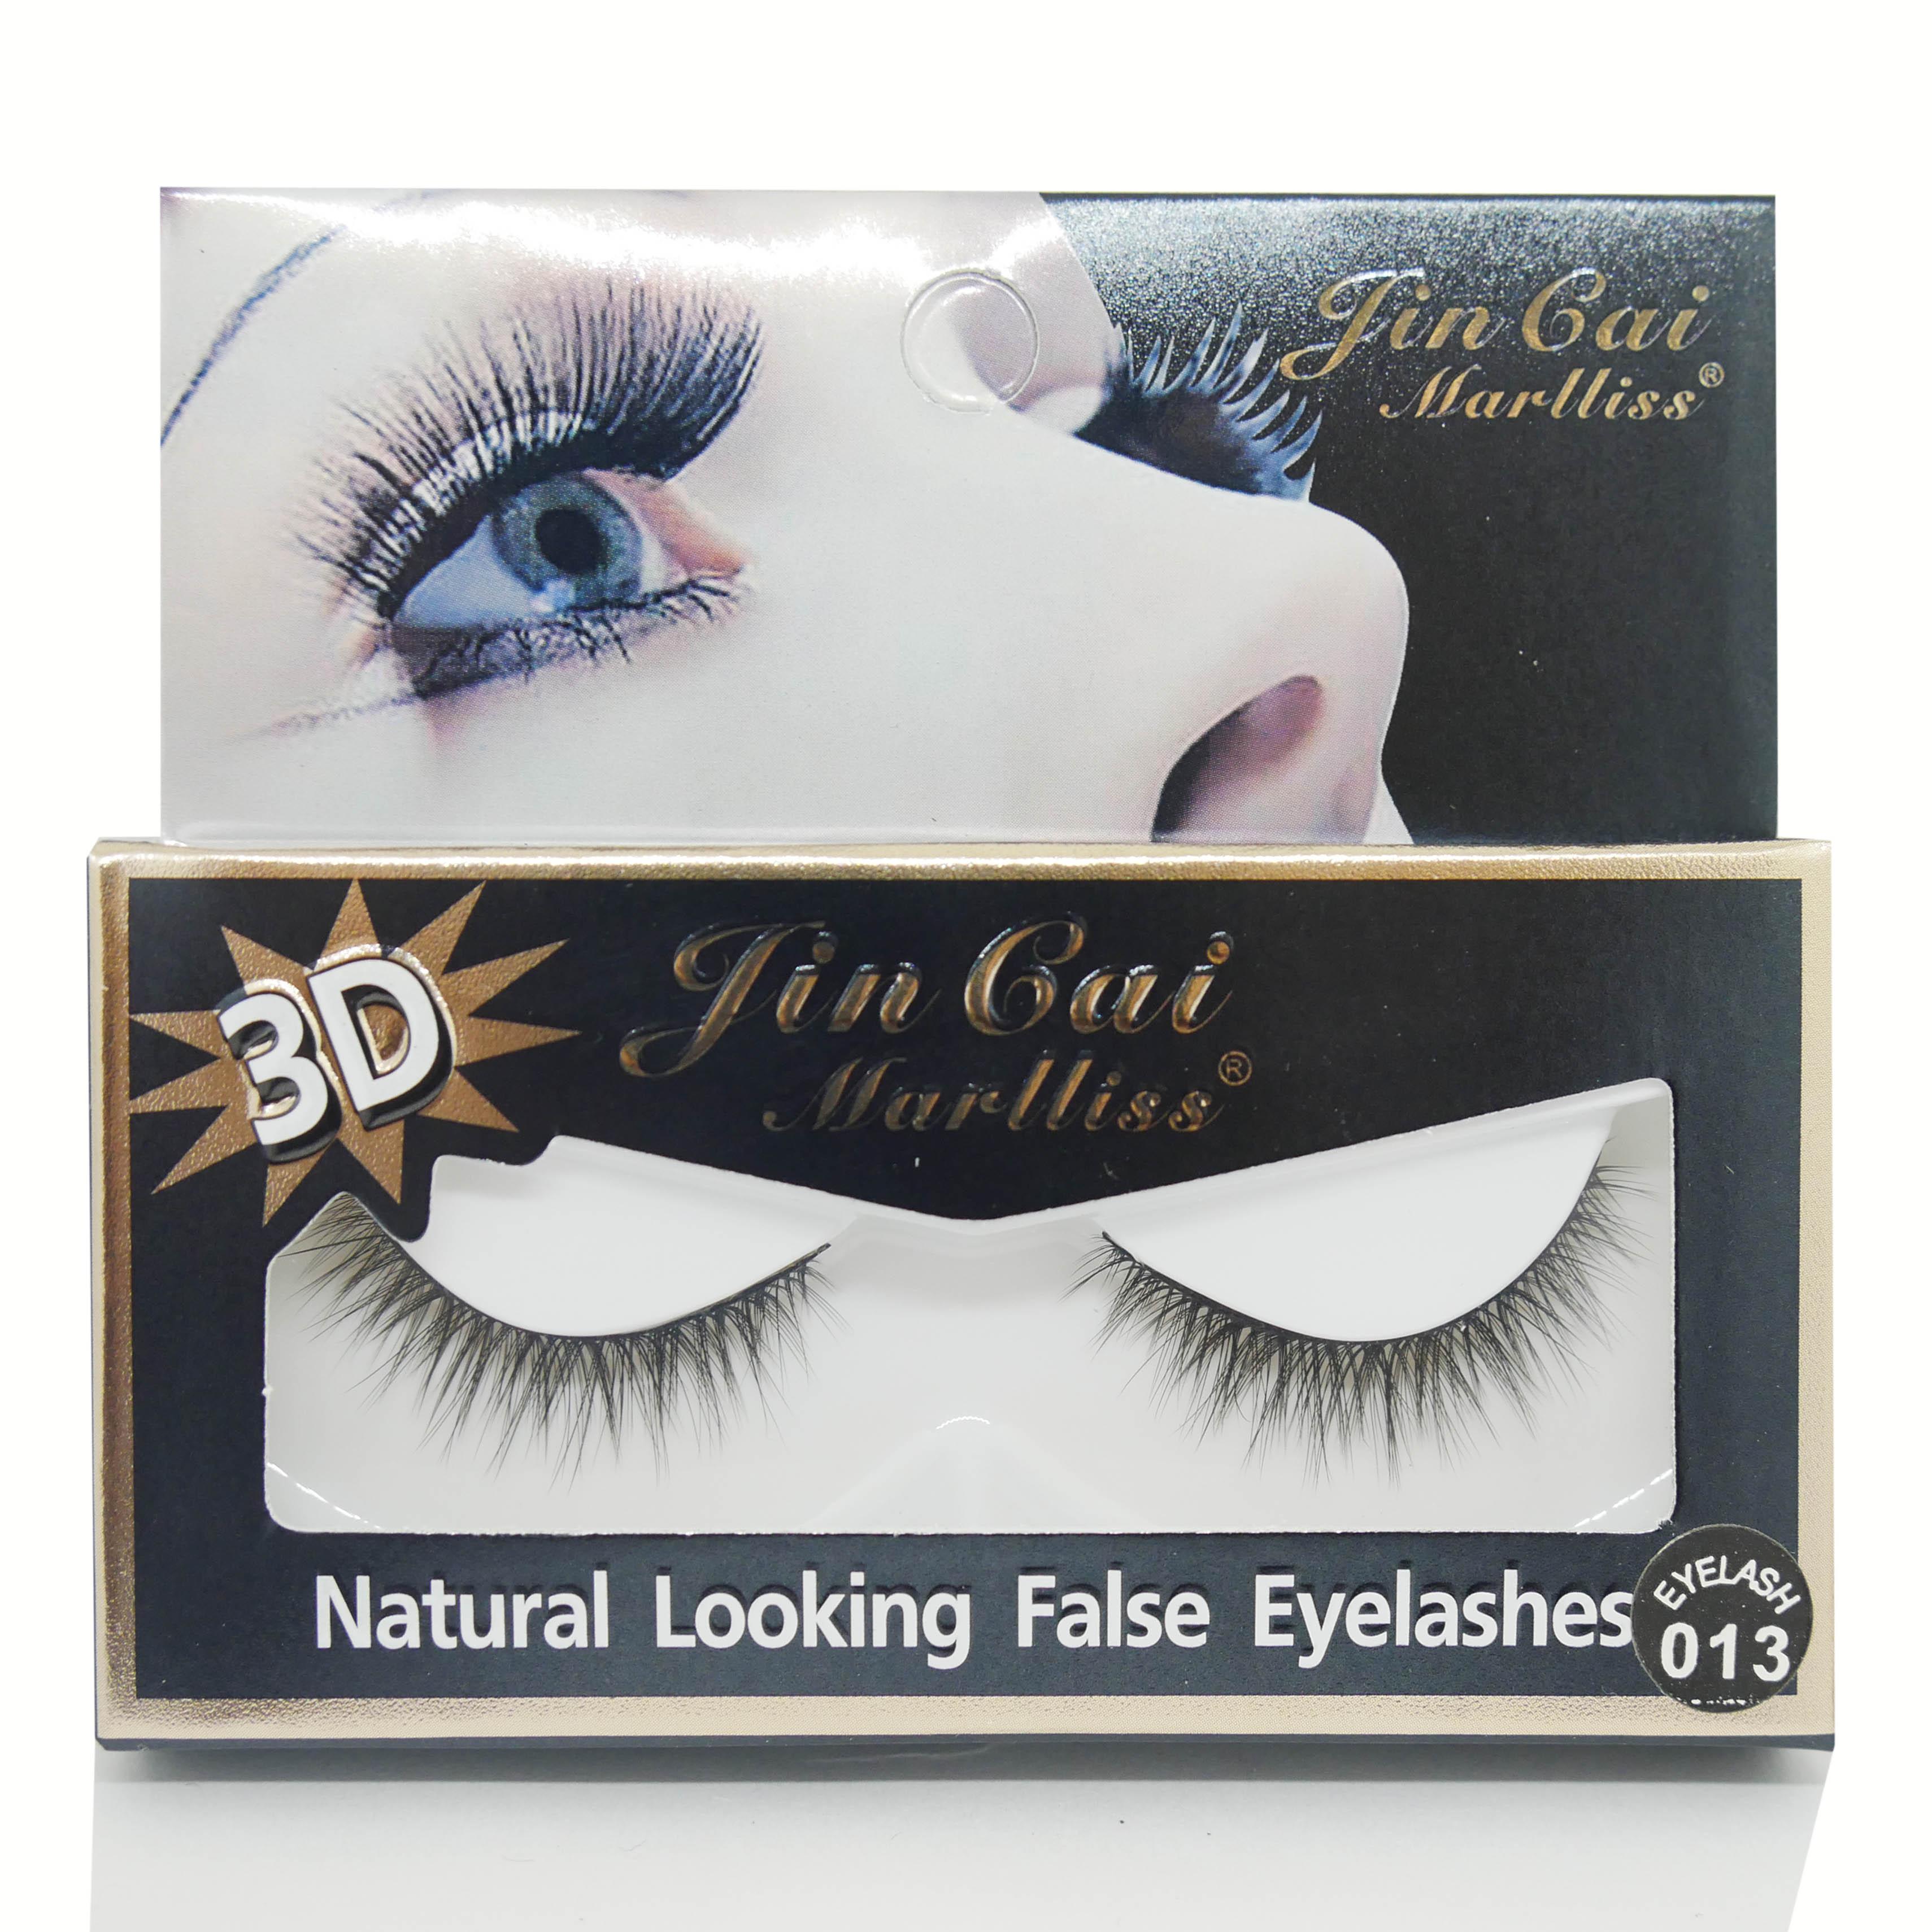 ขนตาปลอม Lin Cai Marlliss 3D (1คู่) Eyelash 013